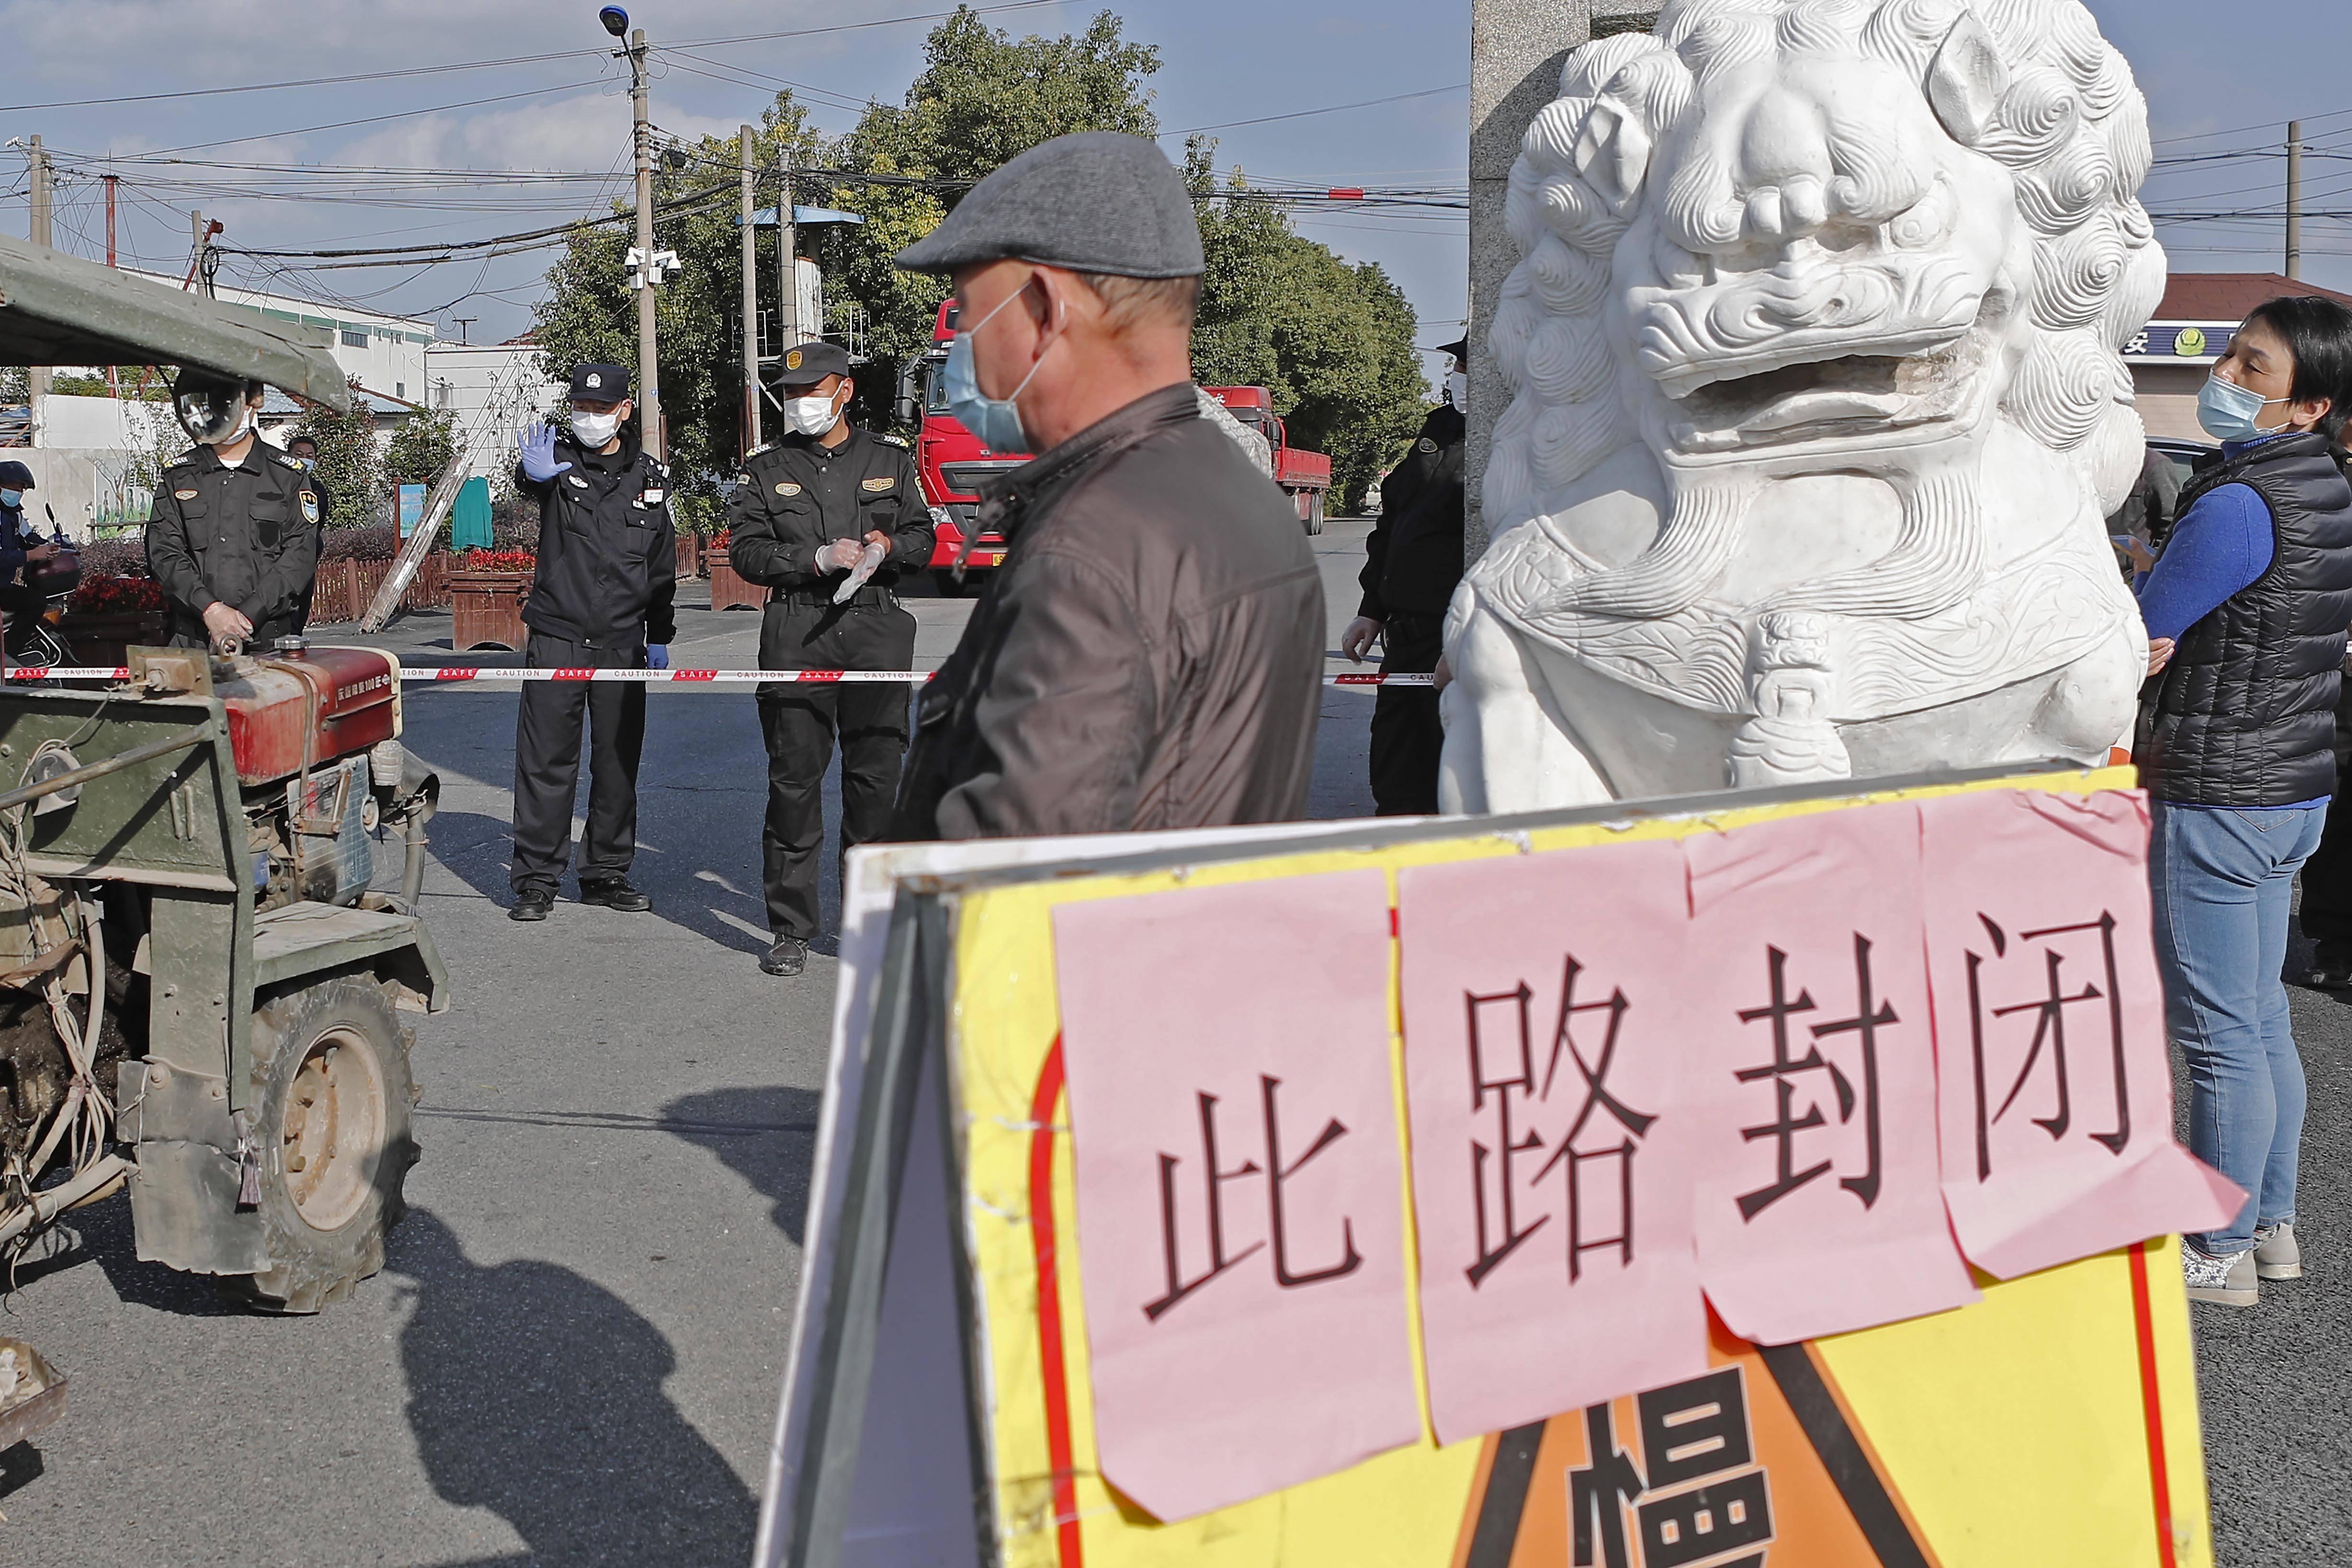 原创 上海新增1例新冠确诊病例,专家:发生在浦东郊区,不会大范围传播